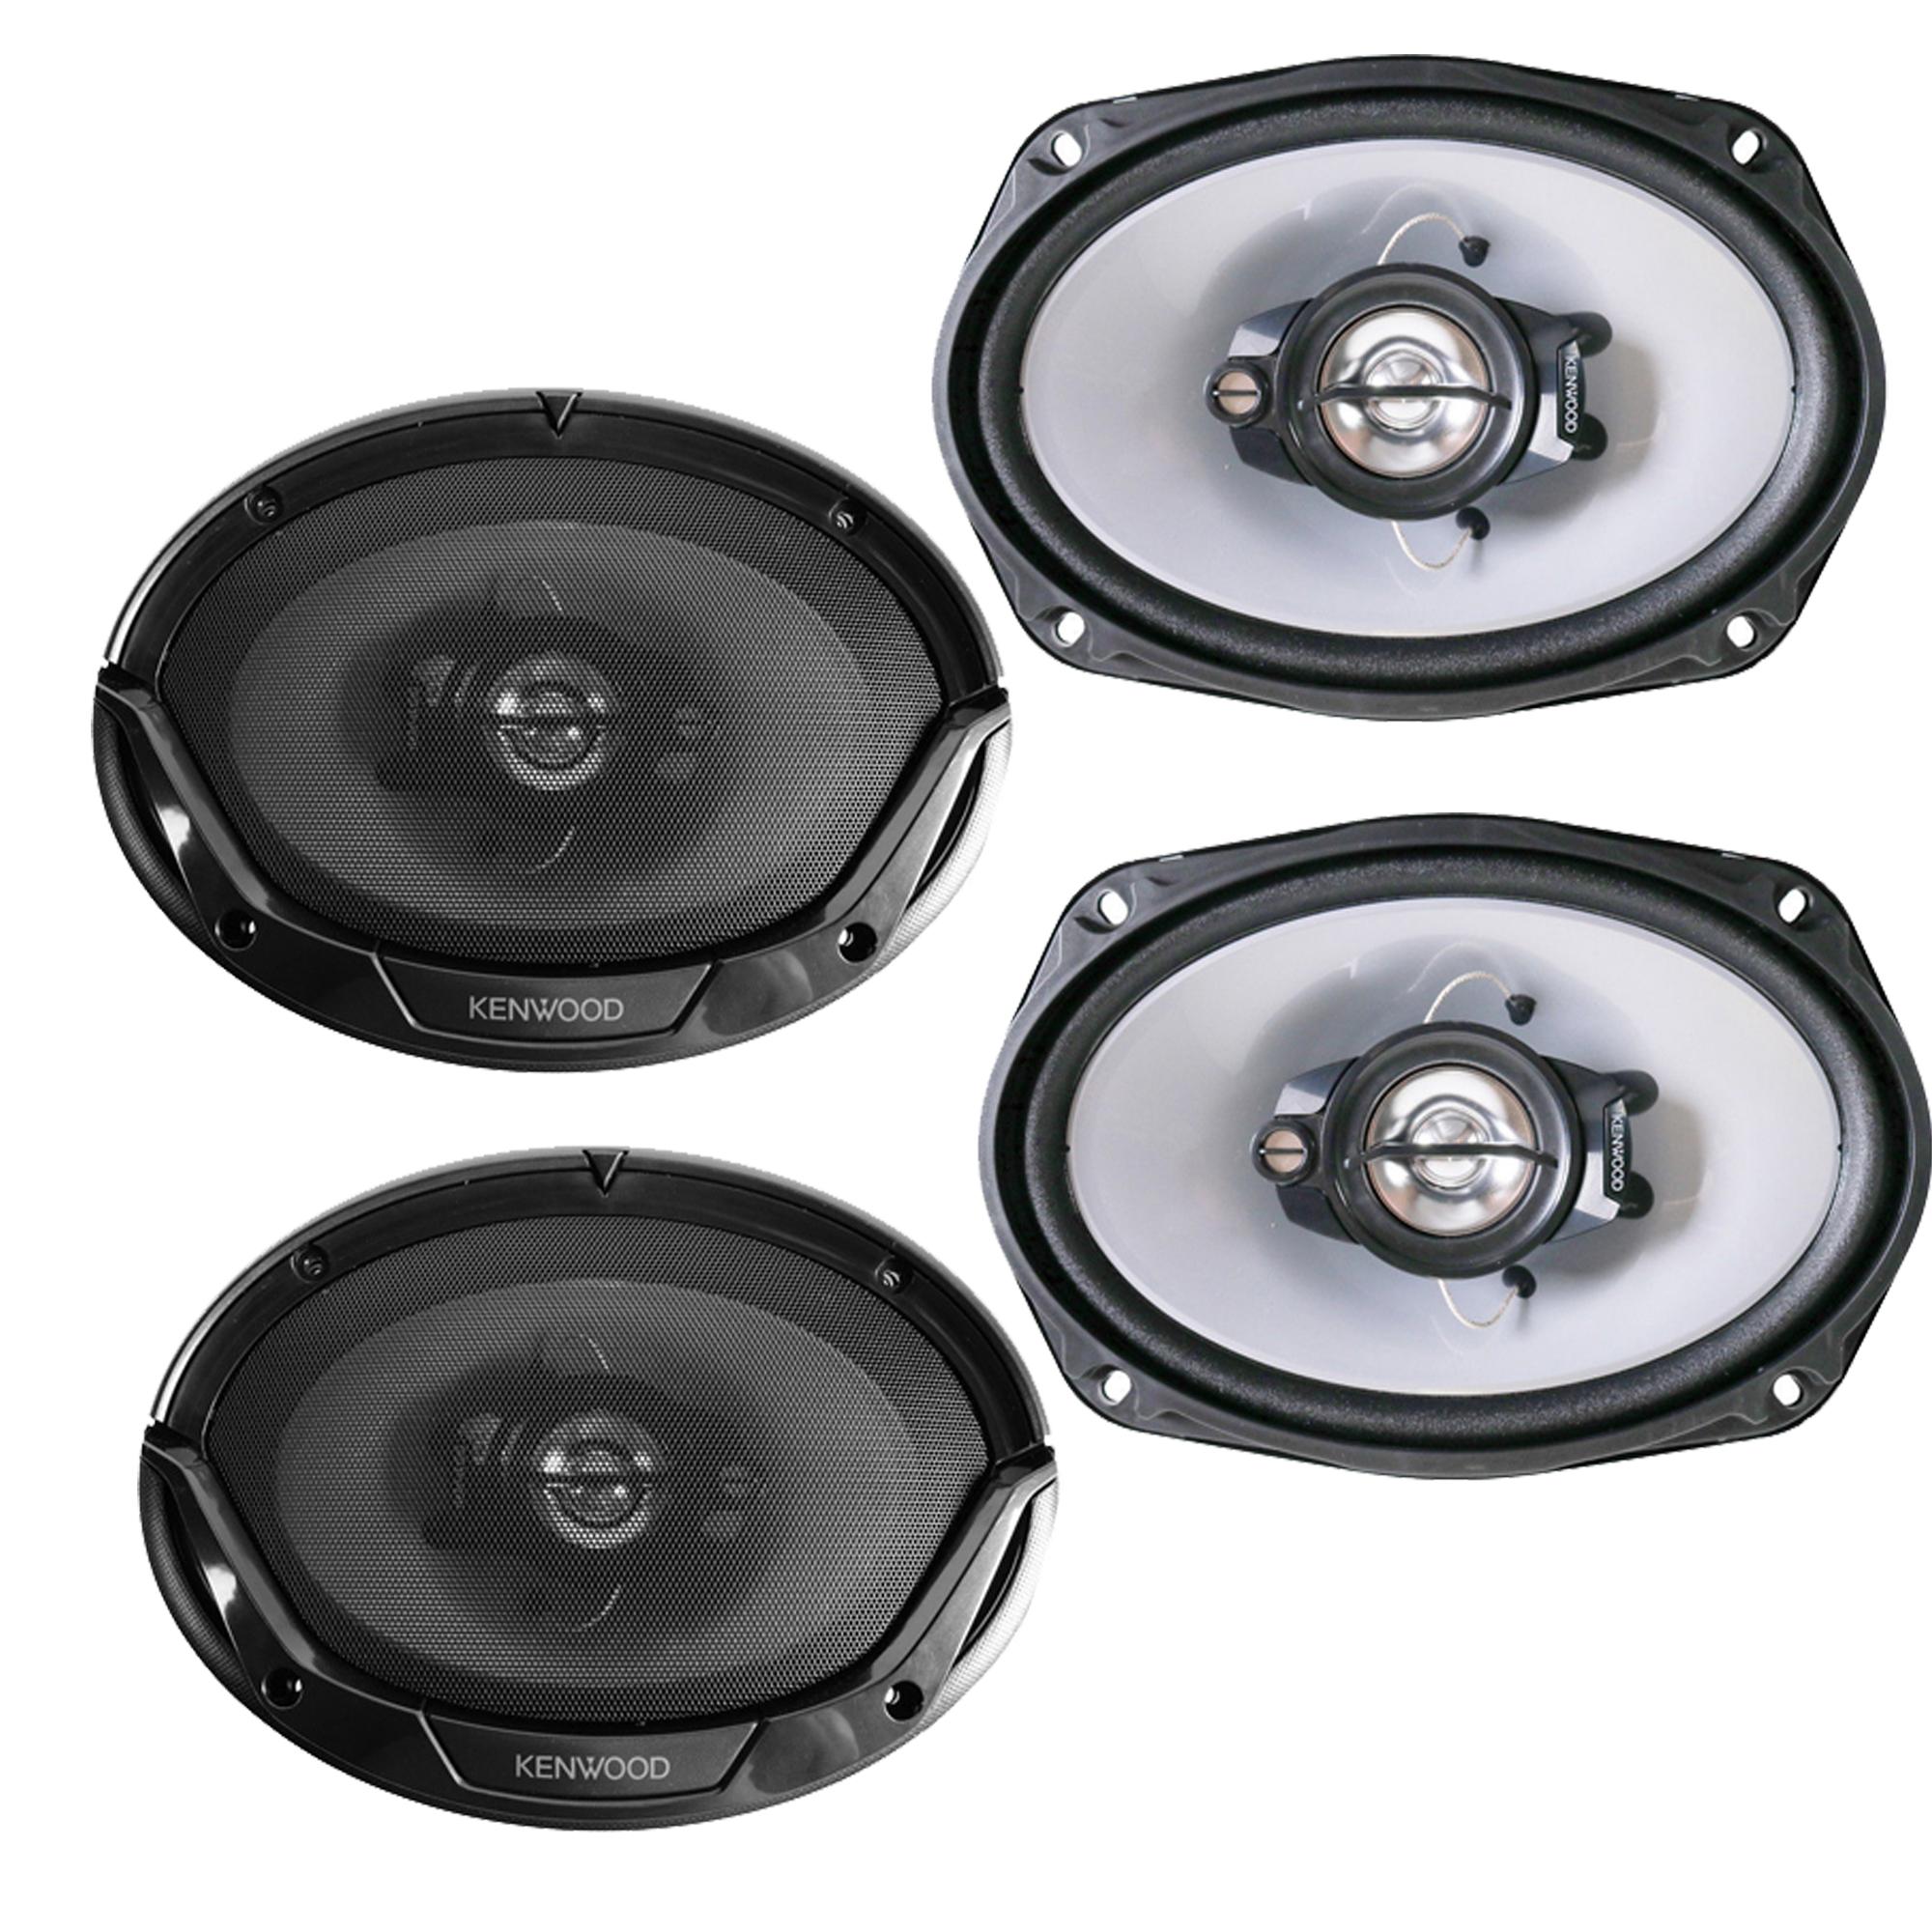 """2 Pairs Kenwood KFC-6965S 6x9"""" 800 Watt 3-Way Coaxial Speakers / 4 Speakers"""